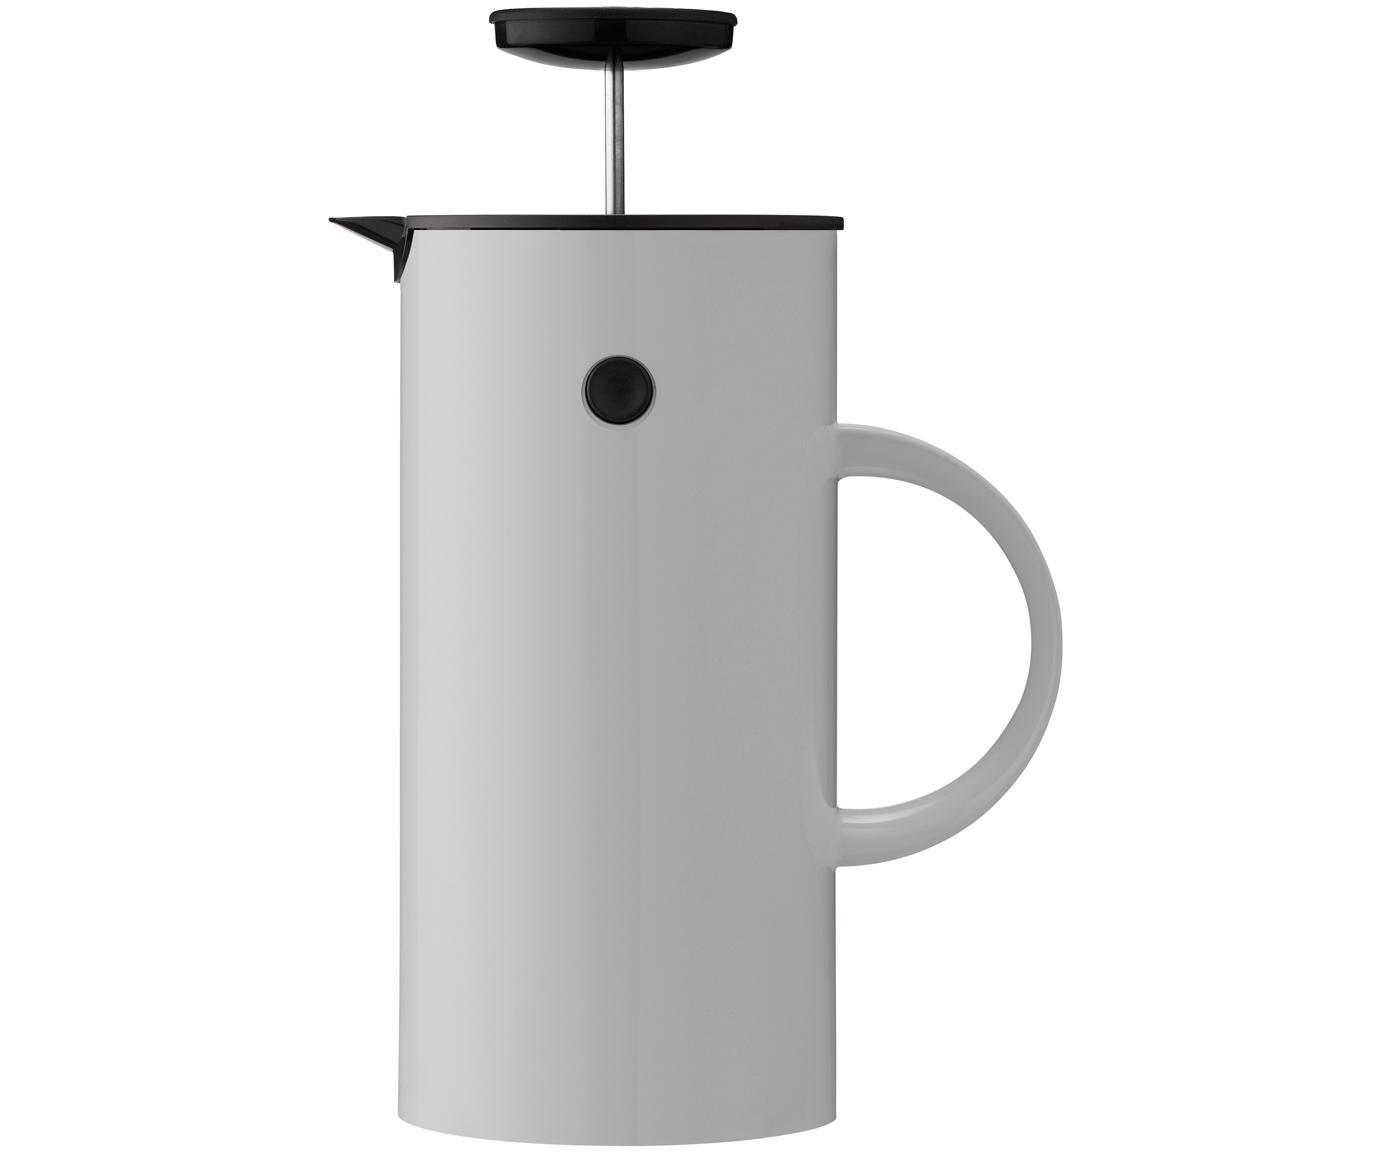 Zaparzacz do kawy EM, Jasny szary, 1 l